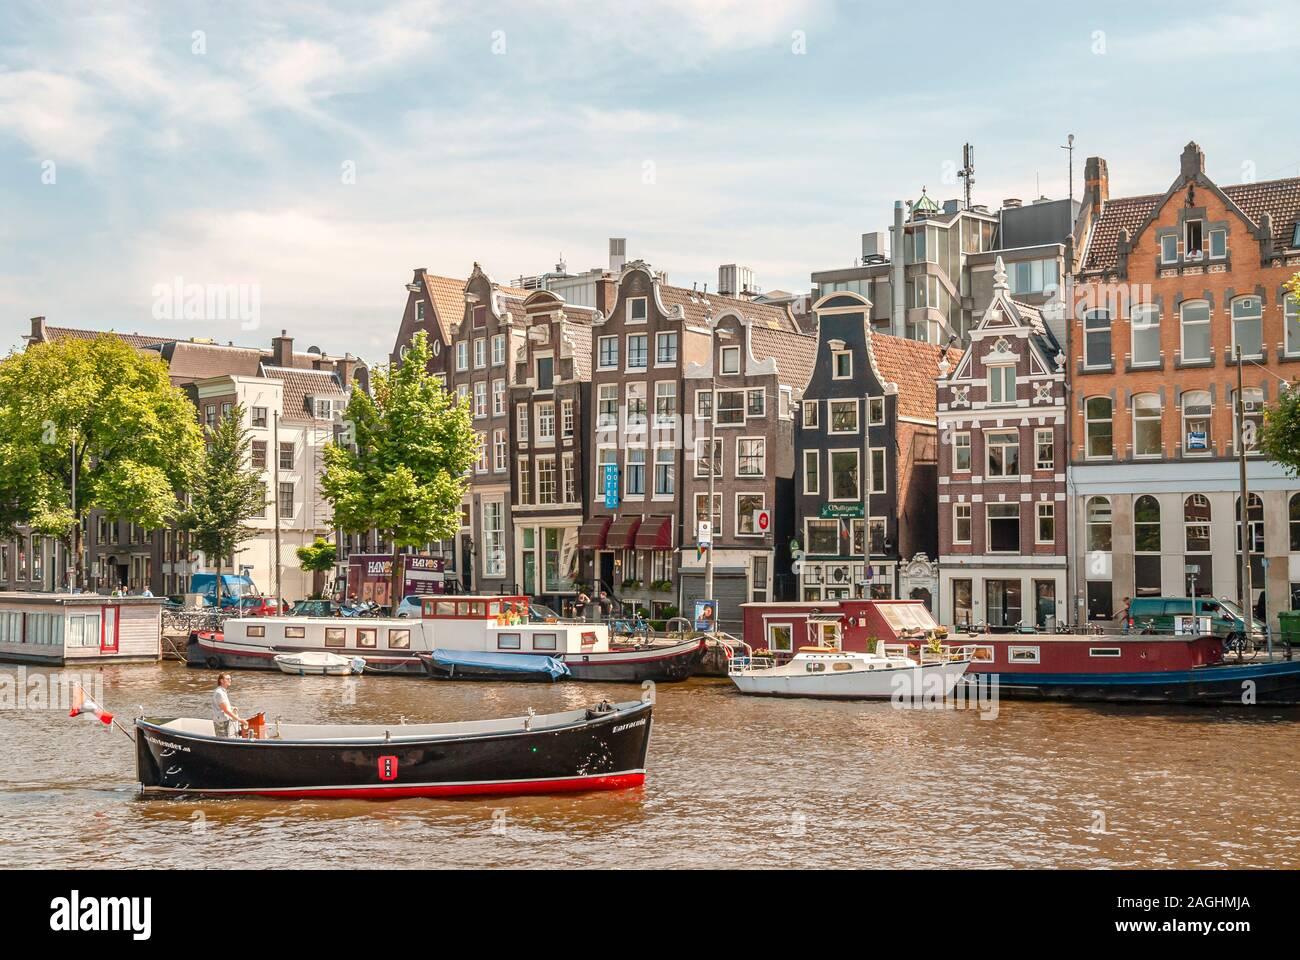 Architecture historique et bateaux à moteur au canal dans le centre-ville d'Amsterdam, Pays-Bas Banque D'Images